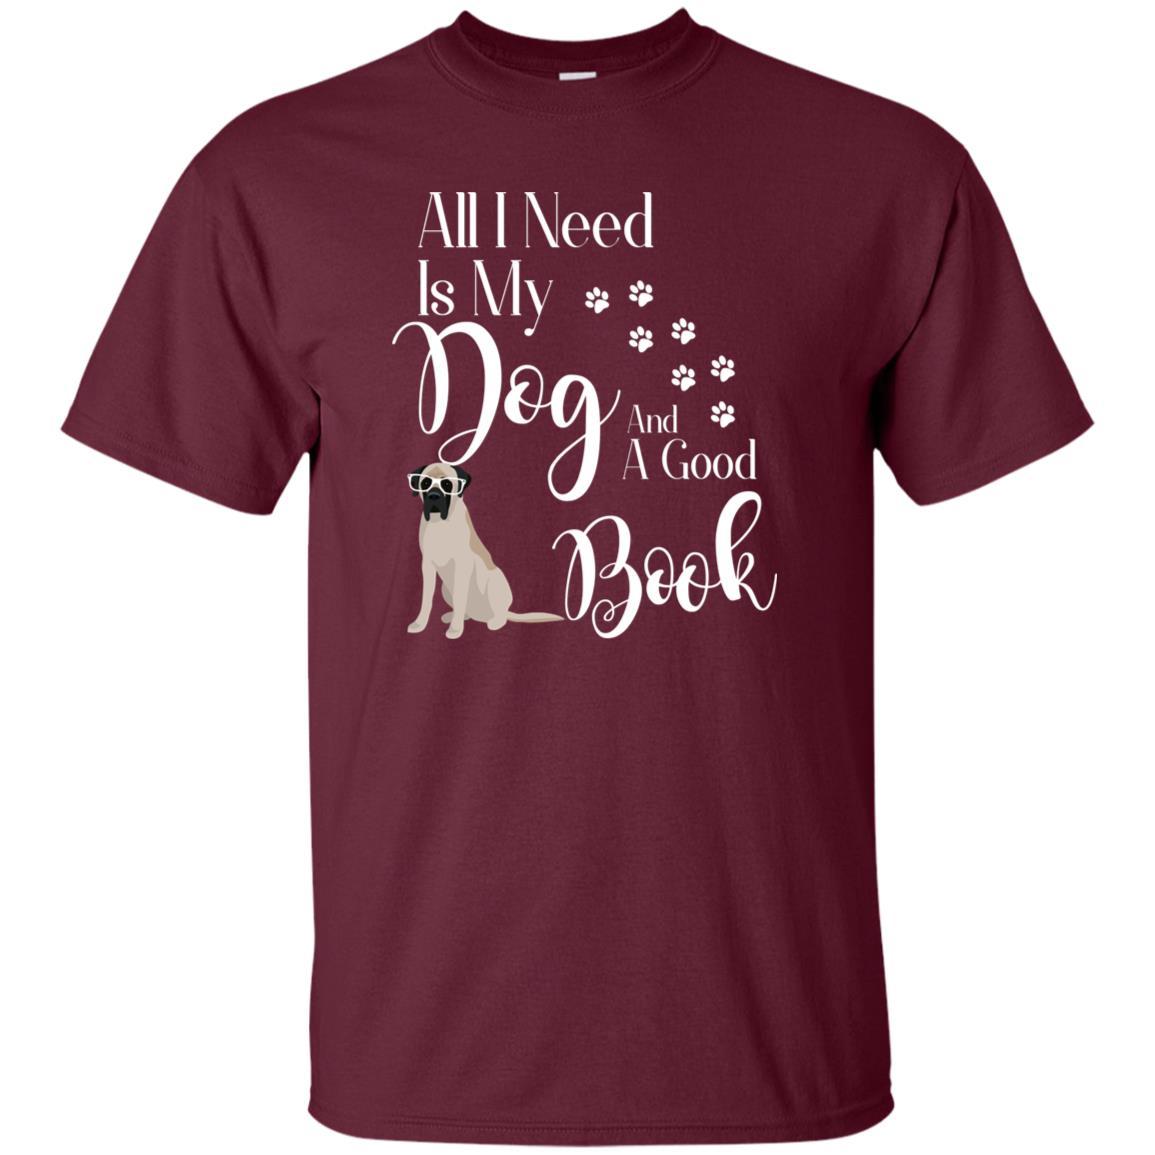 Bull English Mastiff Reading Book Lover Unisex Short Sleeve